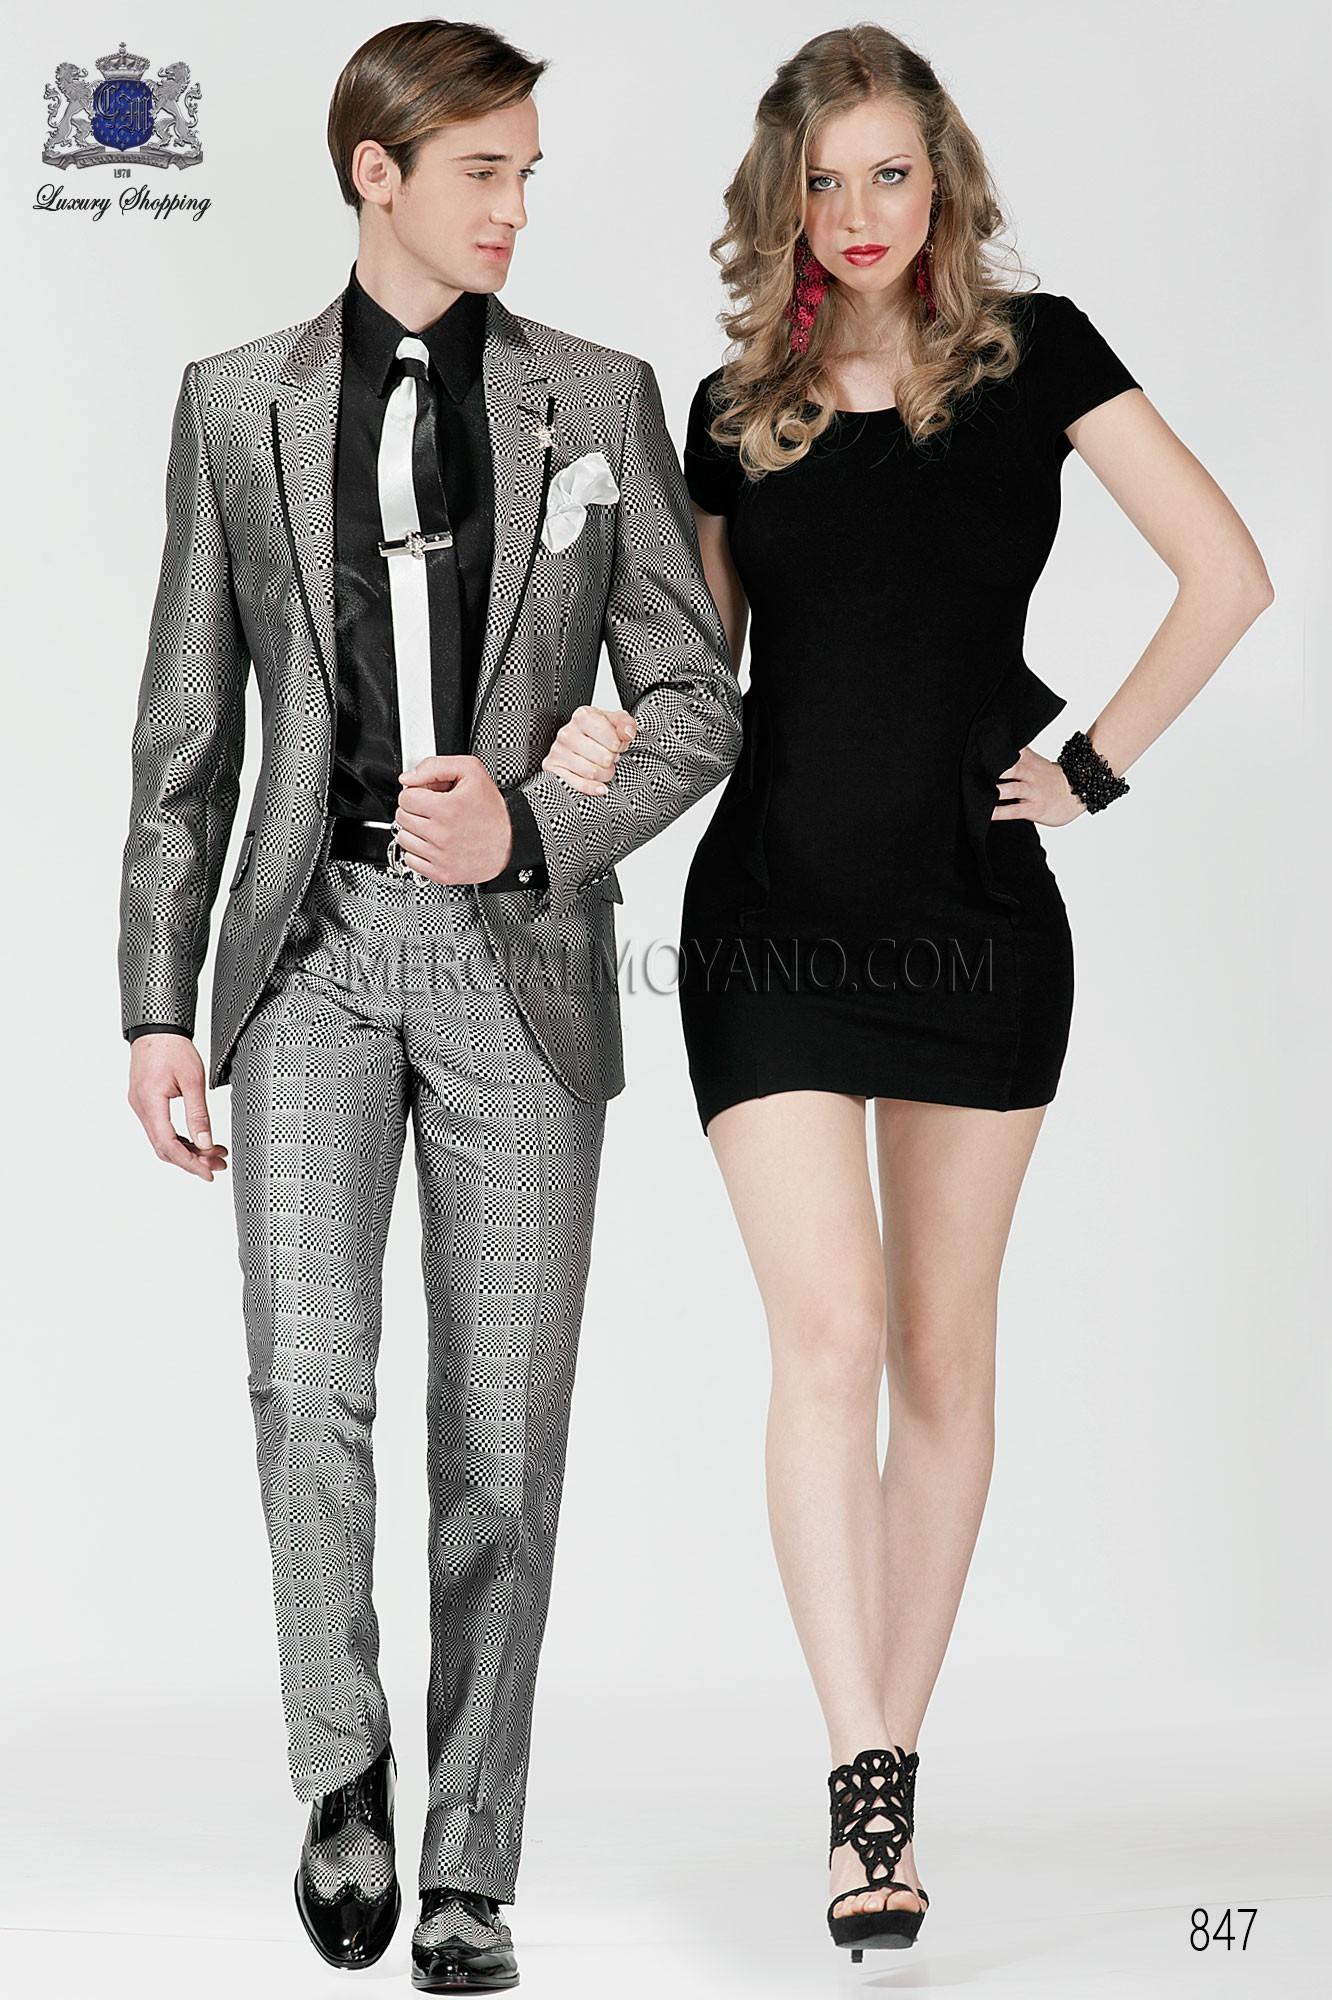 Traje de moda hombre negro/blanco modelo: 847 Ottavio Nuccio Gala colección Emotion